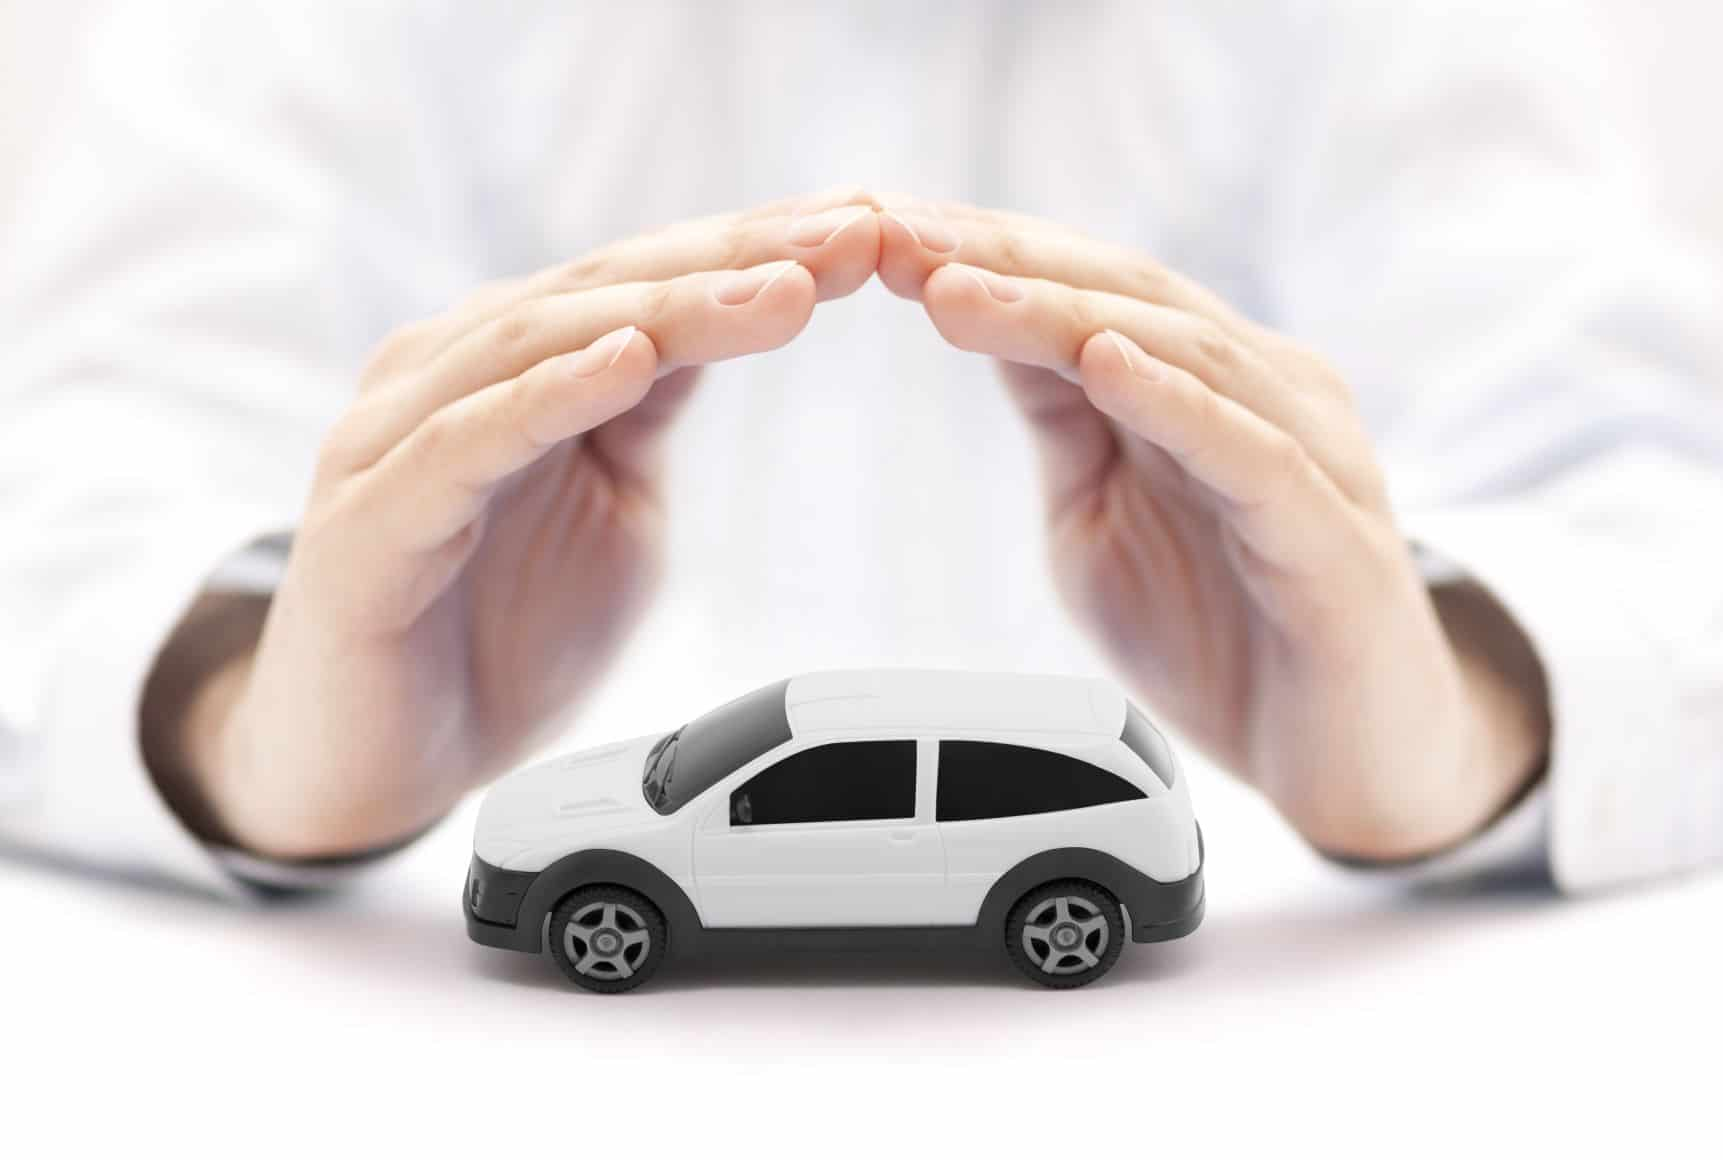 biele auto chránené rukami